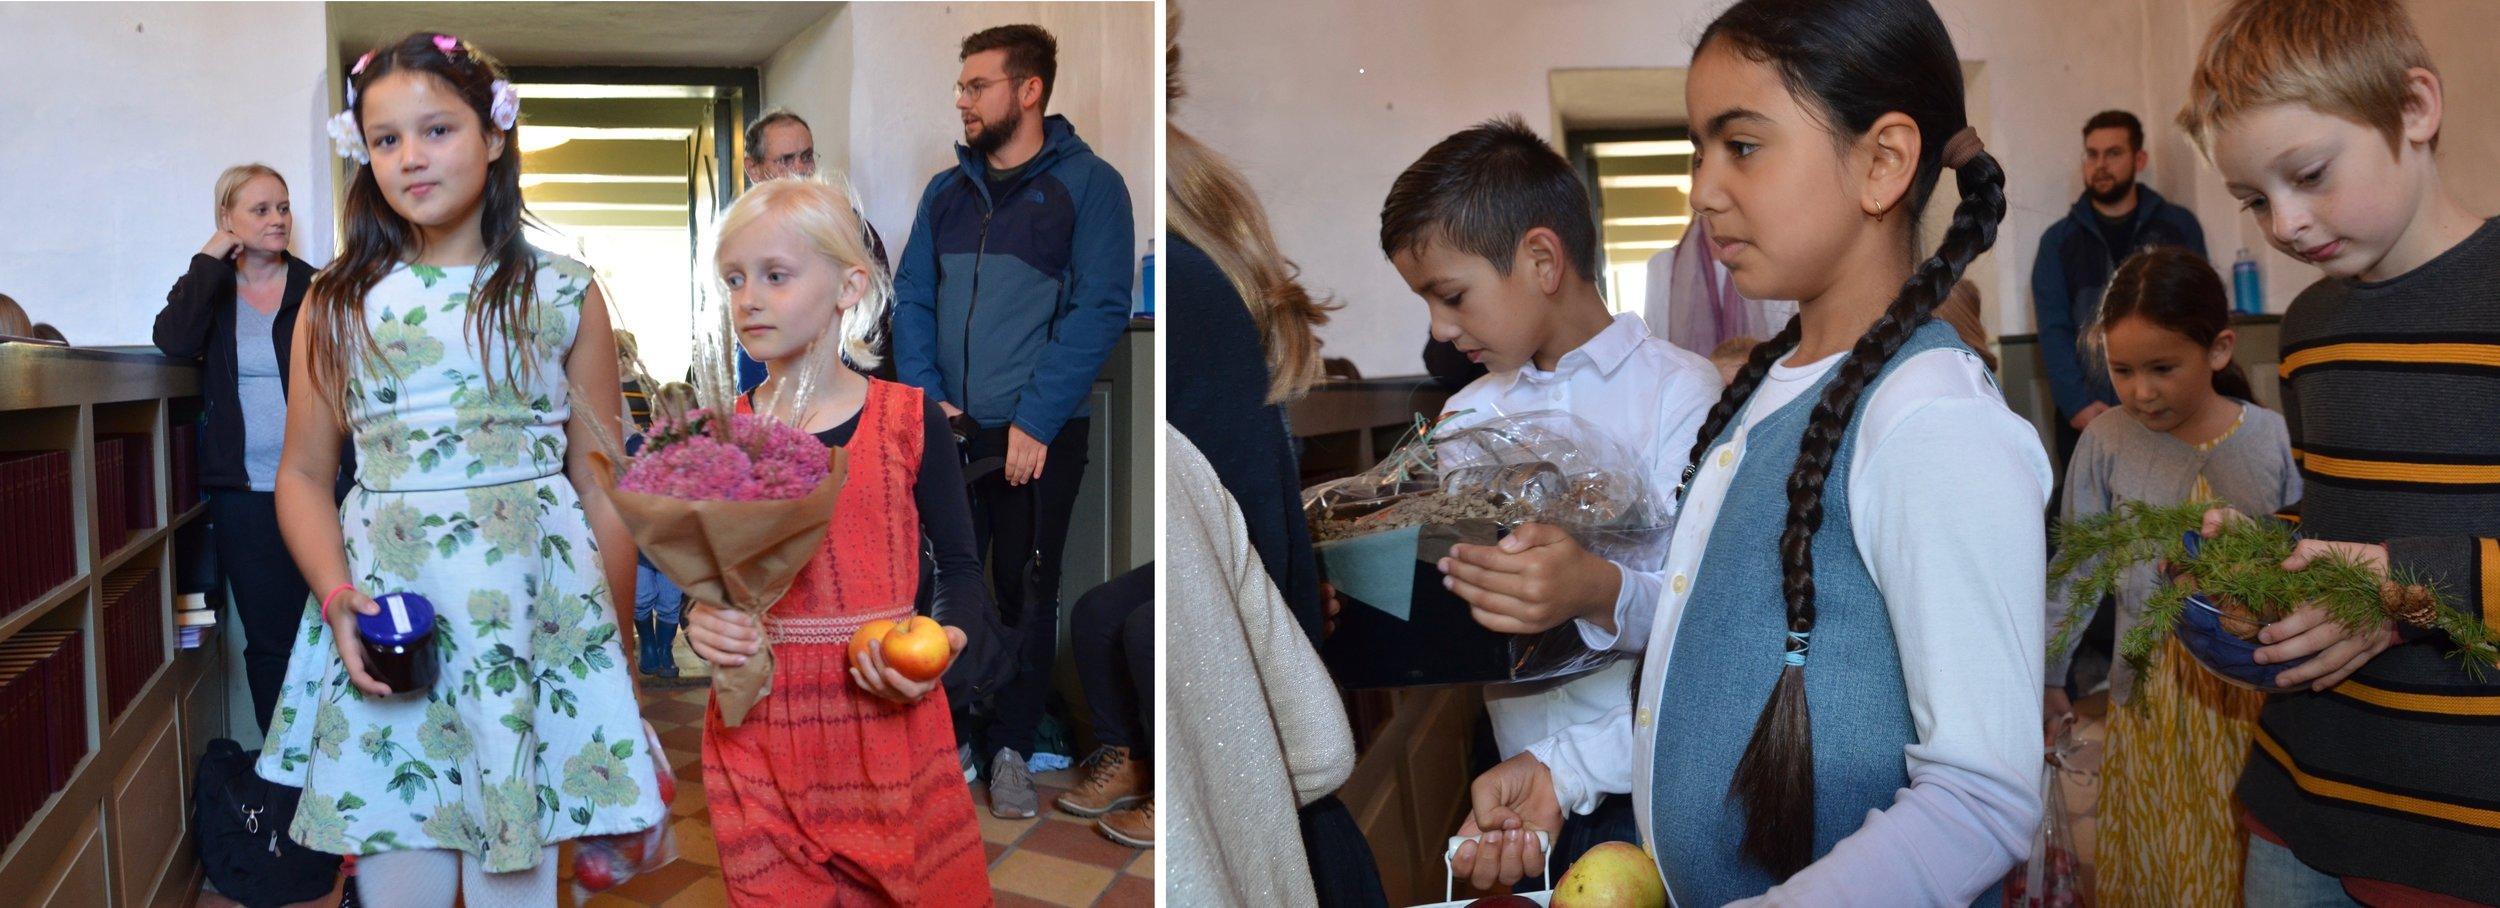 Traditionen tro bragte børnene fine høstgaver ind i kirken. Foto: AOB